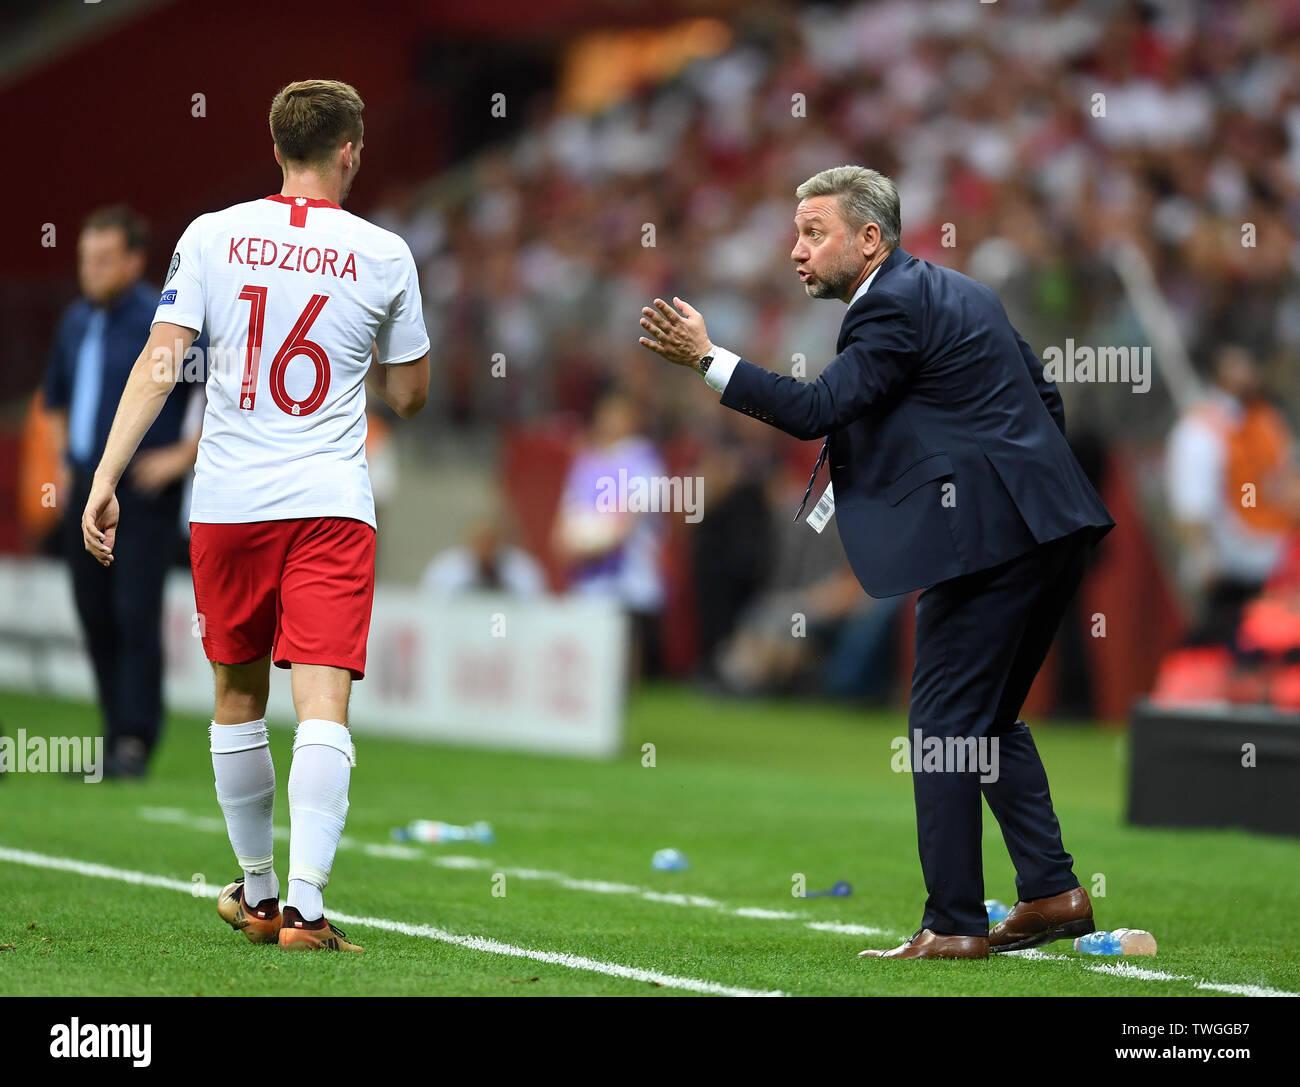 Warsaw, Poland, June 10, 2019: EURO 2020 qualifing round, group stage, Poland wins 4:0 with Izarel on PGE Narodowy. Tomasz Kedziora (Poland) Jerzy Brzeczek Coach (Poland) - Stock Image